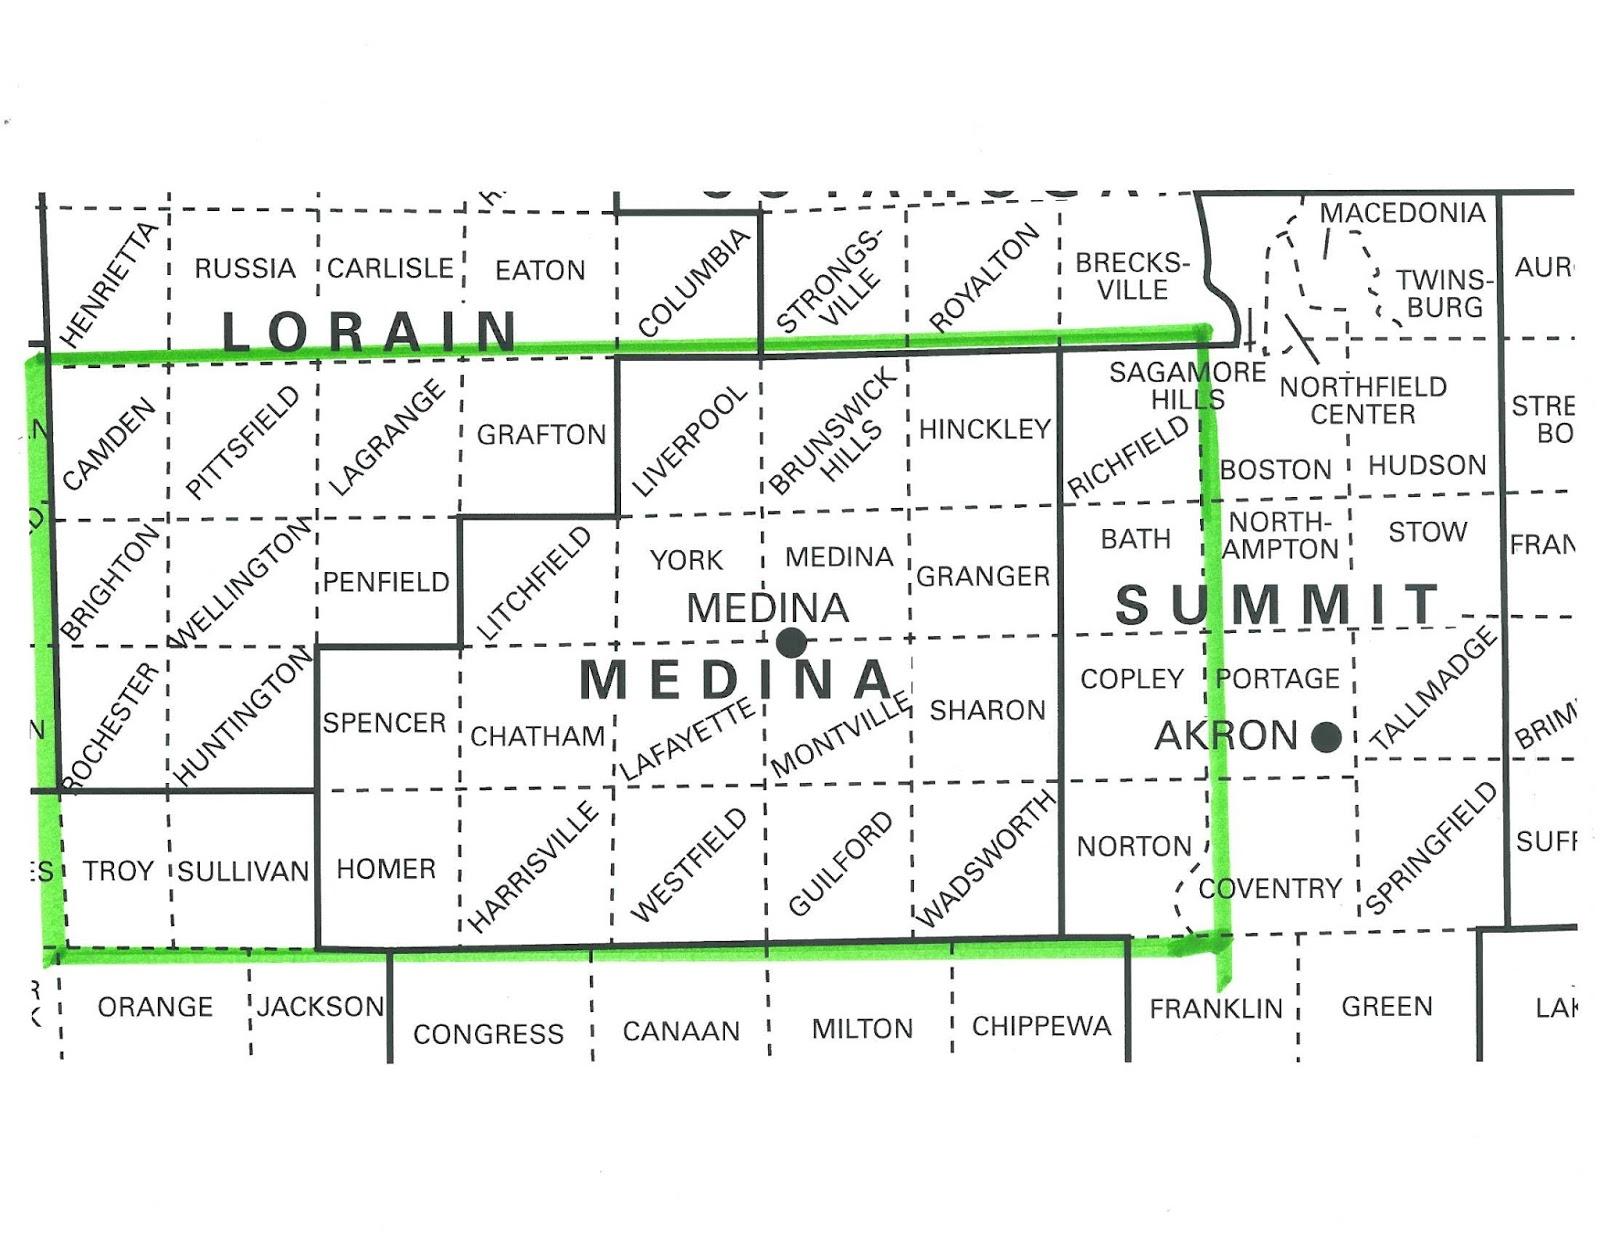 medina county ohio